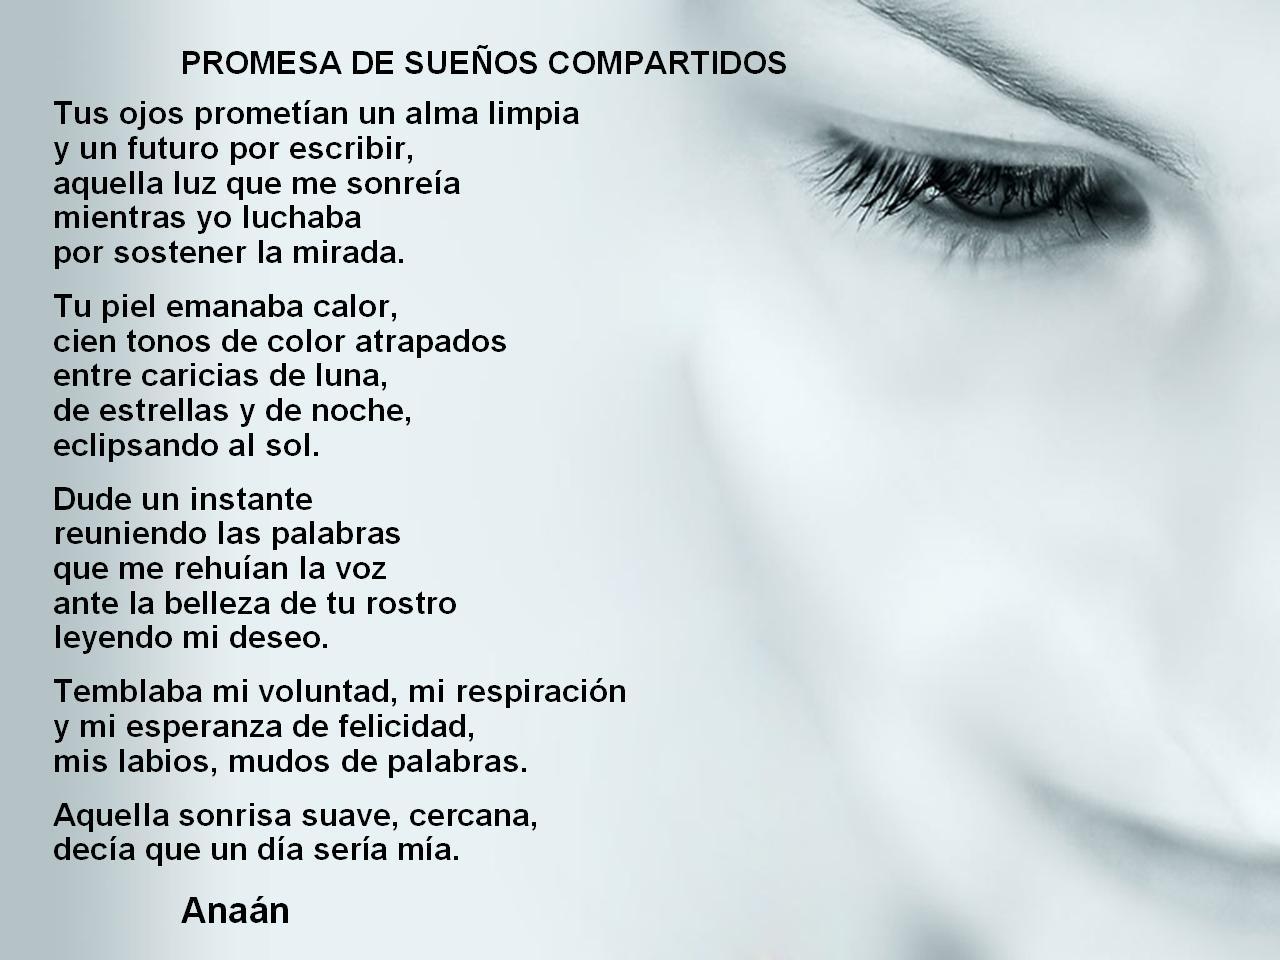 Anaan 099 Promesa de sue±os partidos